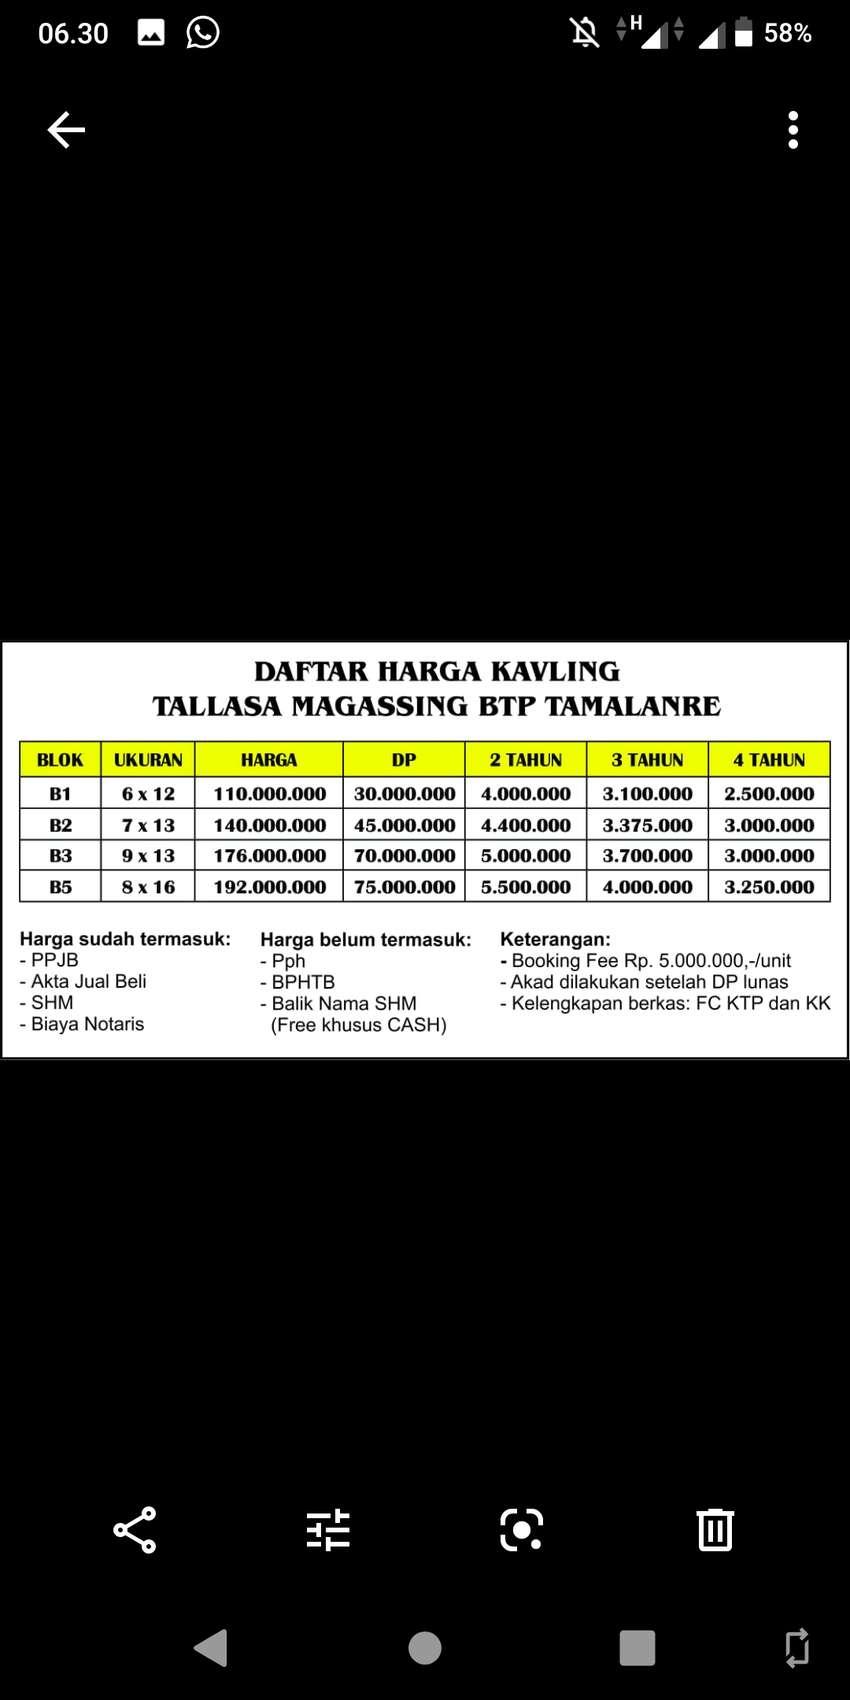 Tanah kavling tallasa magassing BTP 0